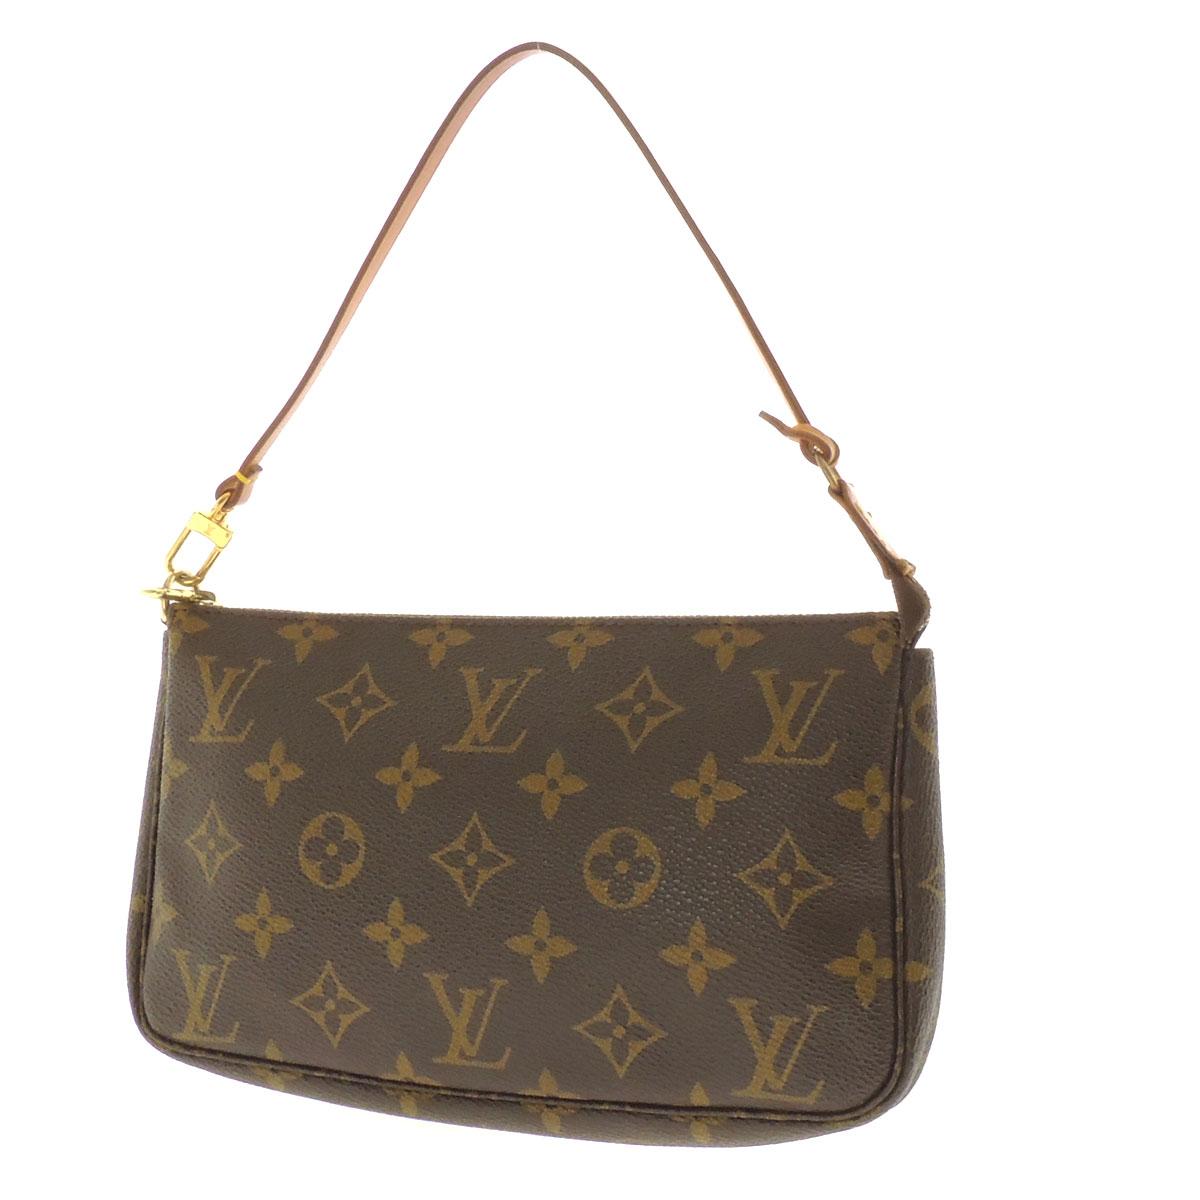 Women's accessory pouch Monogram Canvas, LOUIS VUITTON Accessoires or M51980